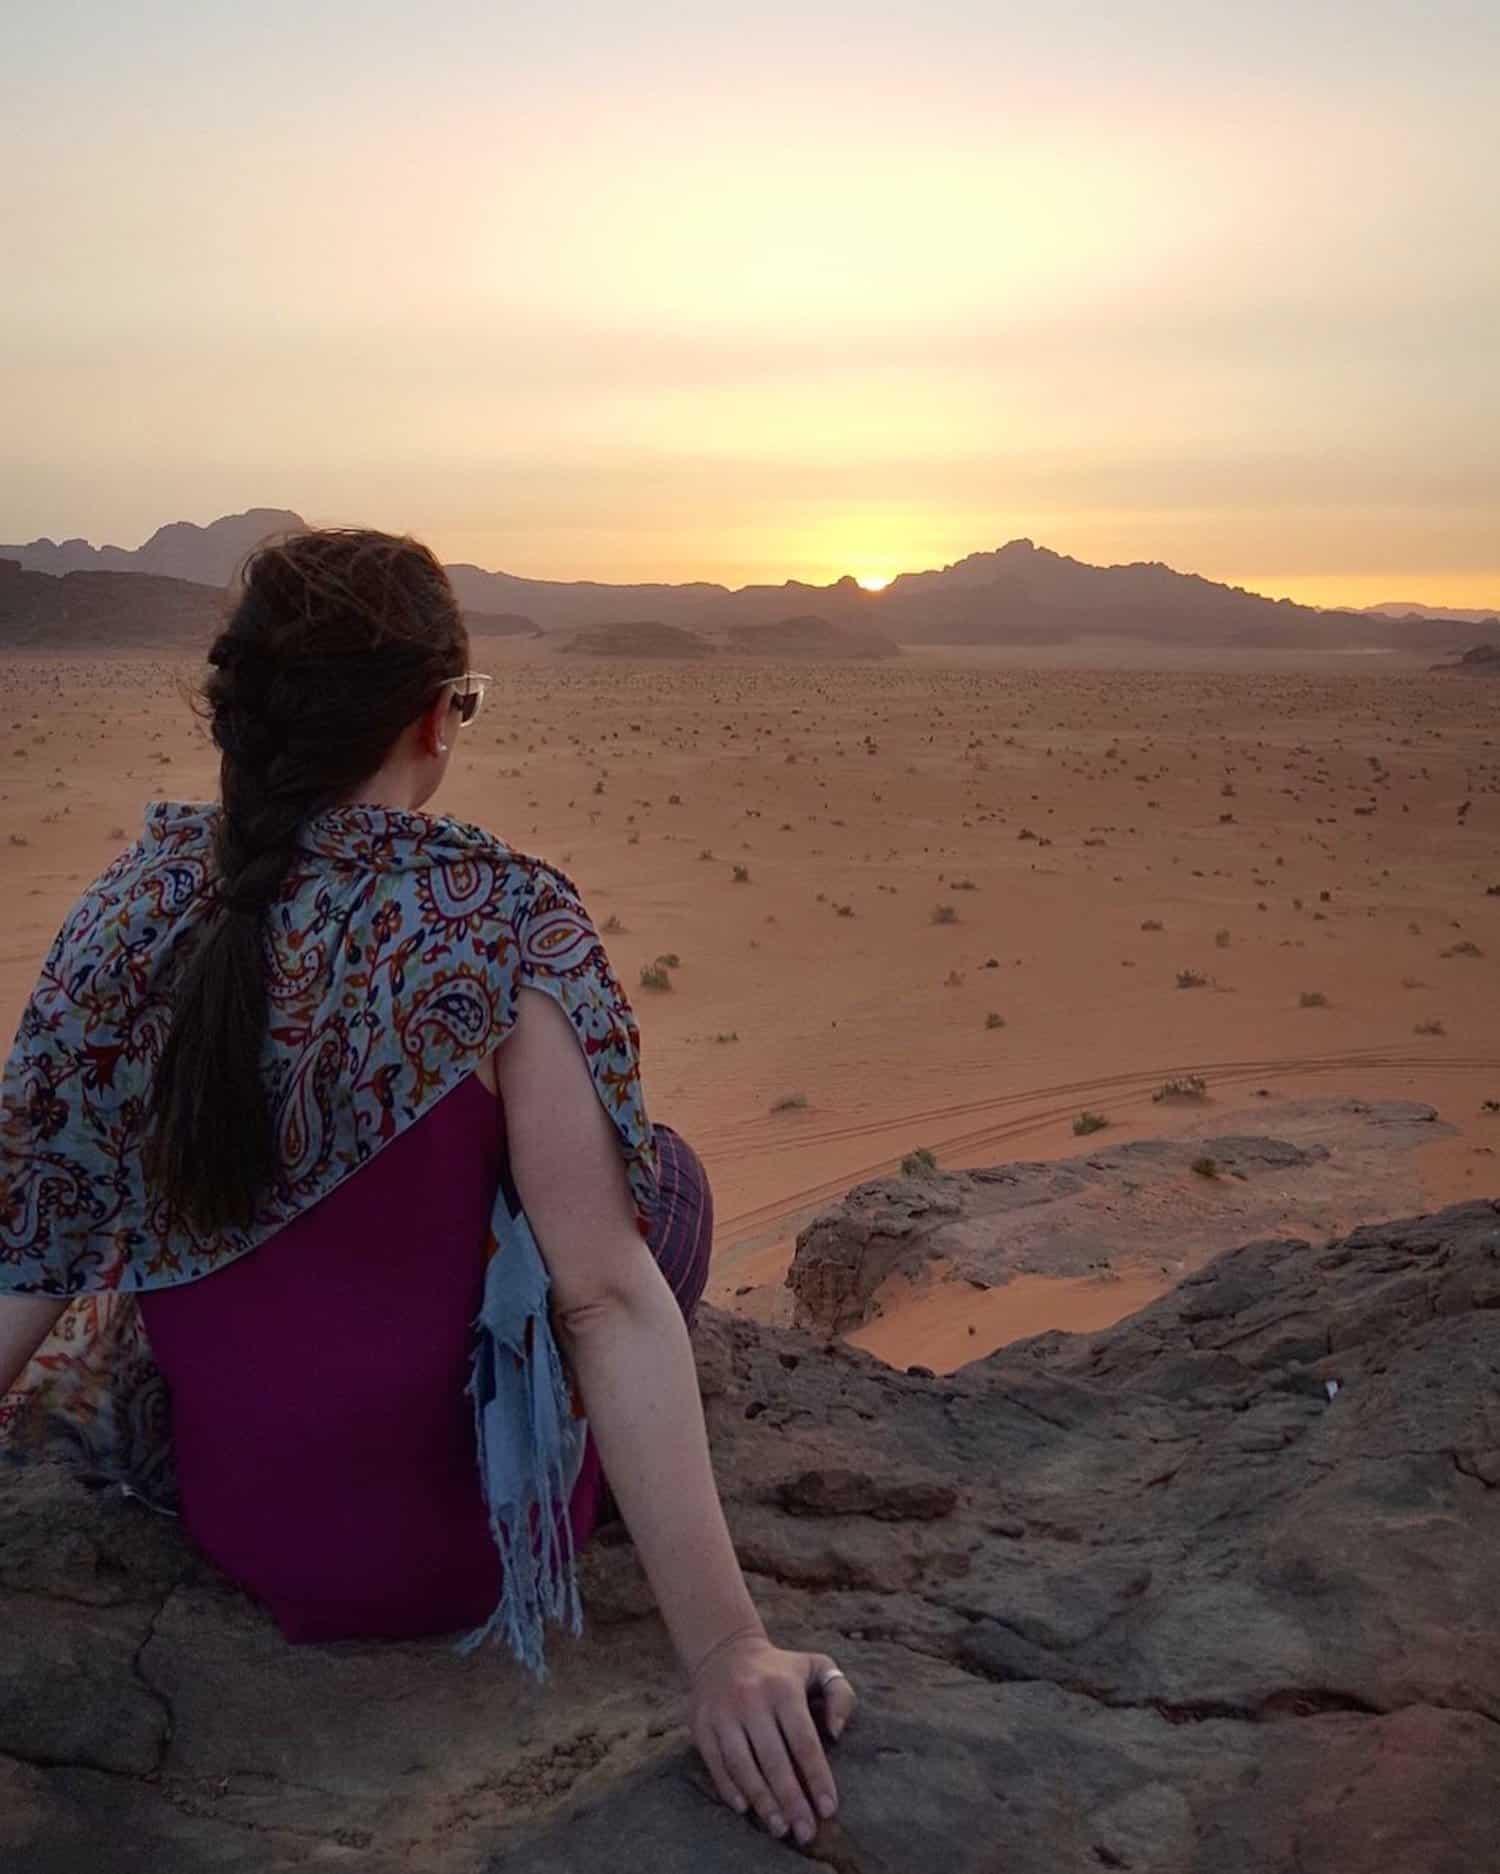 Astronomy tour to Jordan - Sunset in Wadi Rum